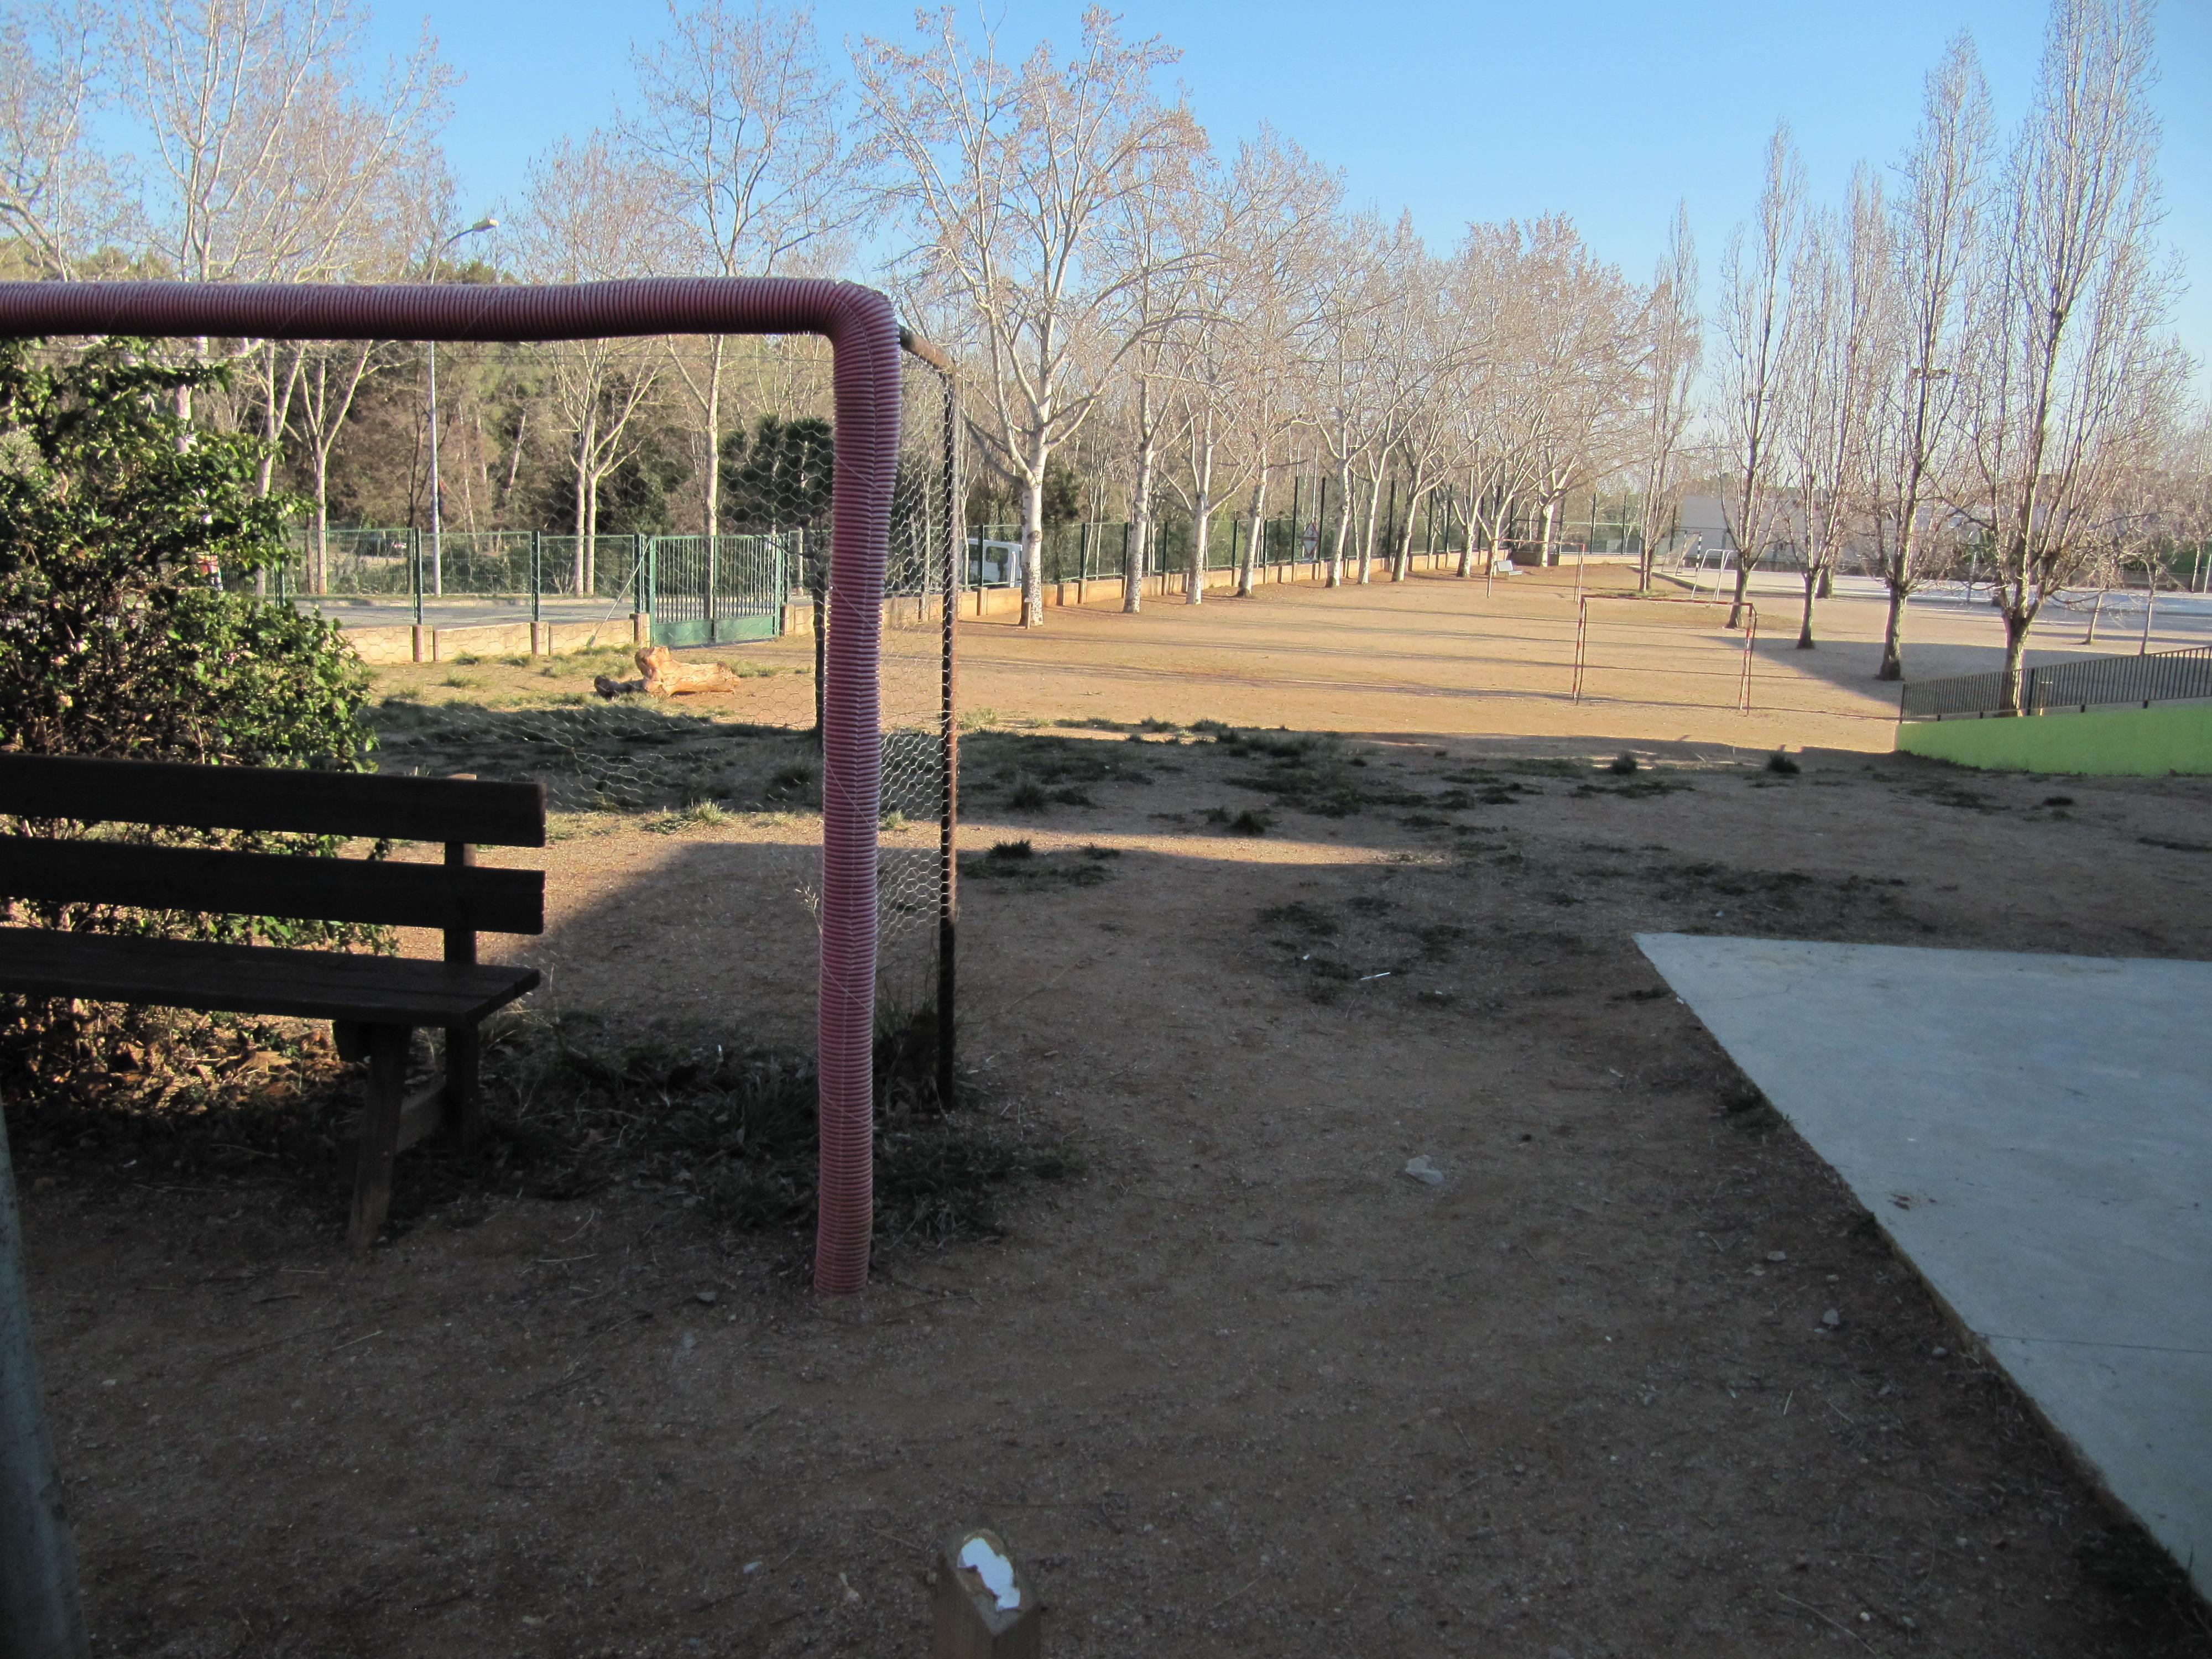 http://elnousafareig.org/2016/02/19/escola-publica-sant-esteve-de-castellar-del-valles-recull-didees-i-propostes/